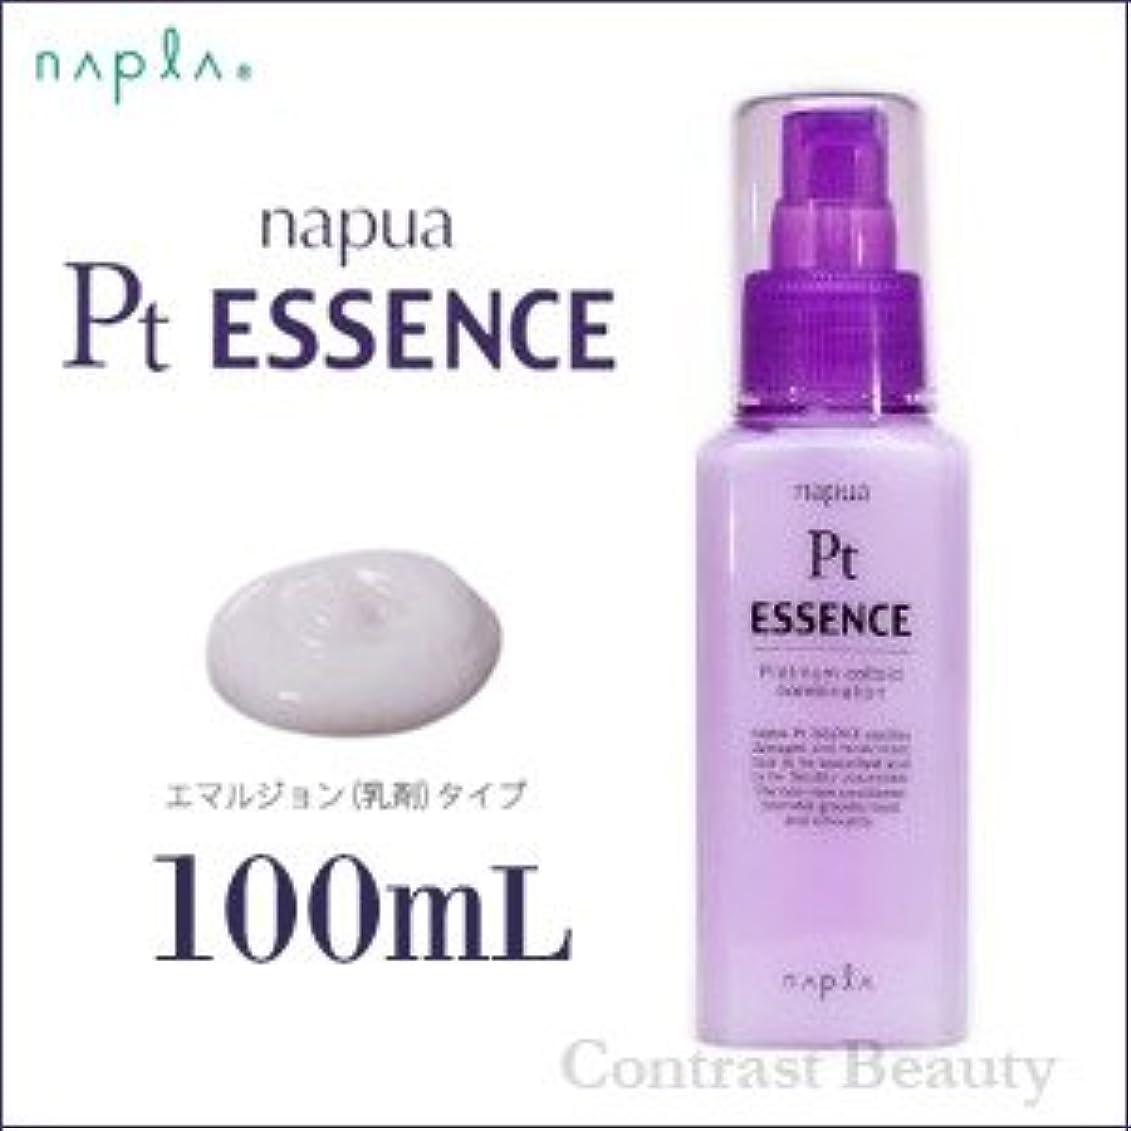 皮肉順応性のある平和【X5個セット】 ナプラ ナピュア Ptエッセンス 100ml napla